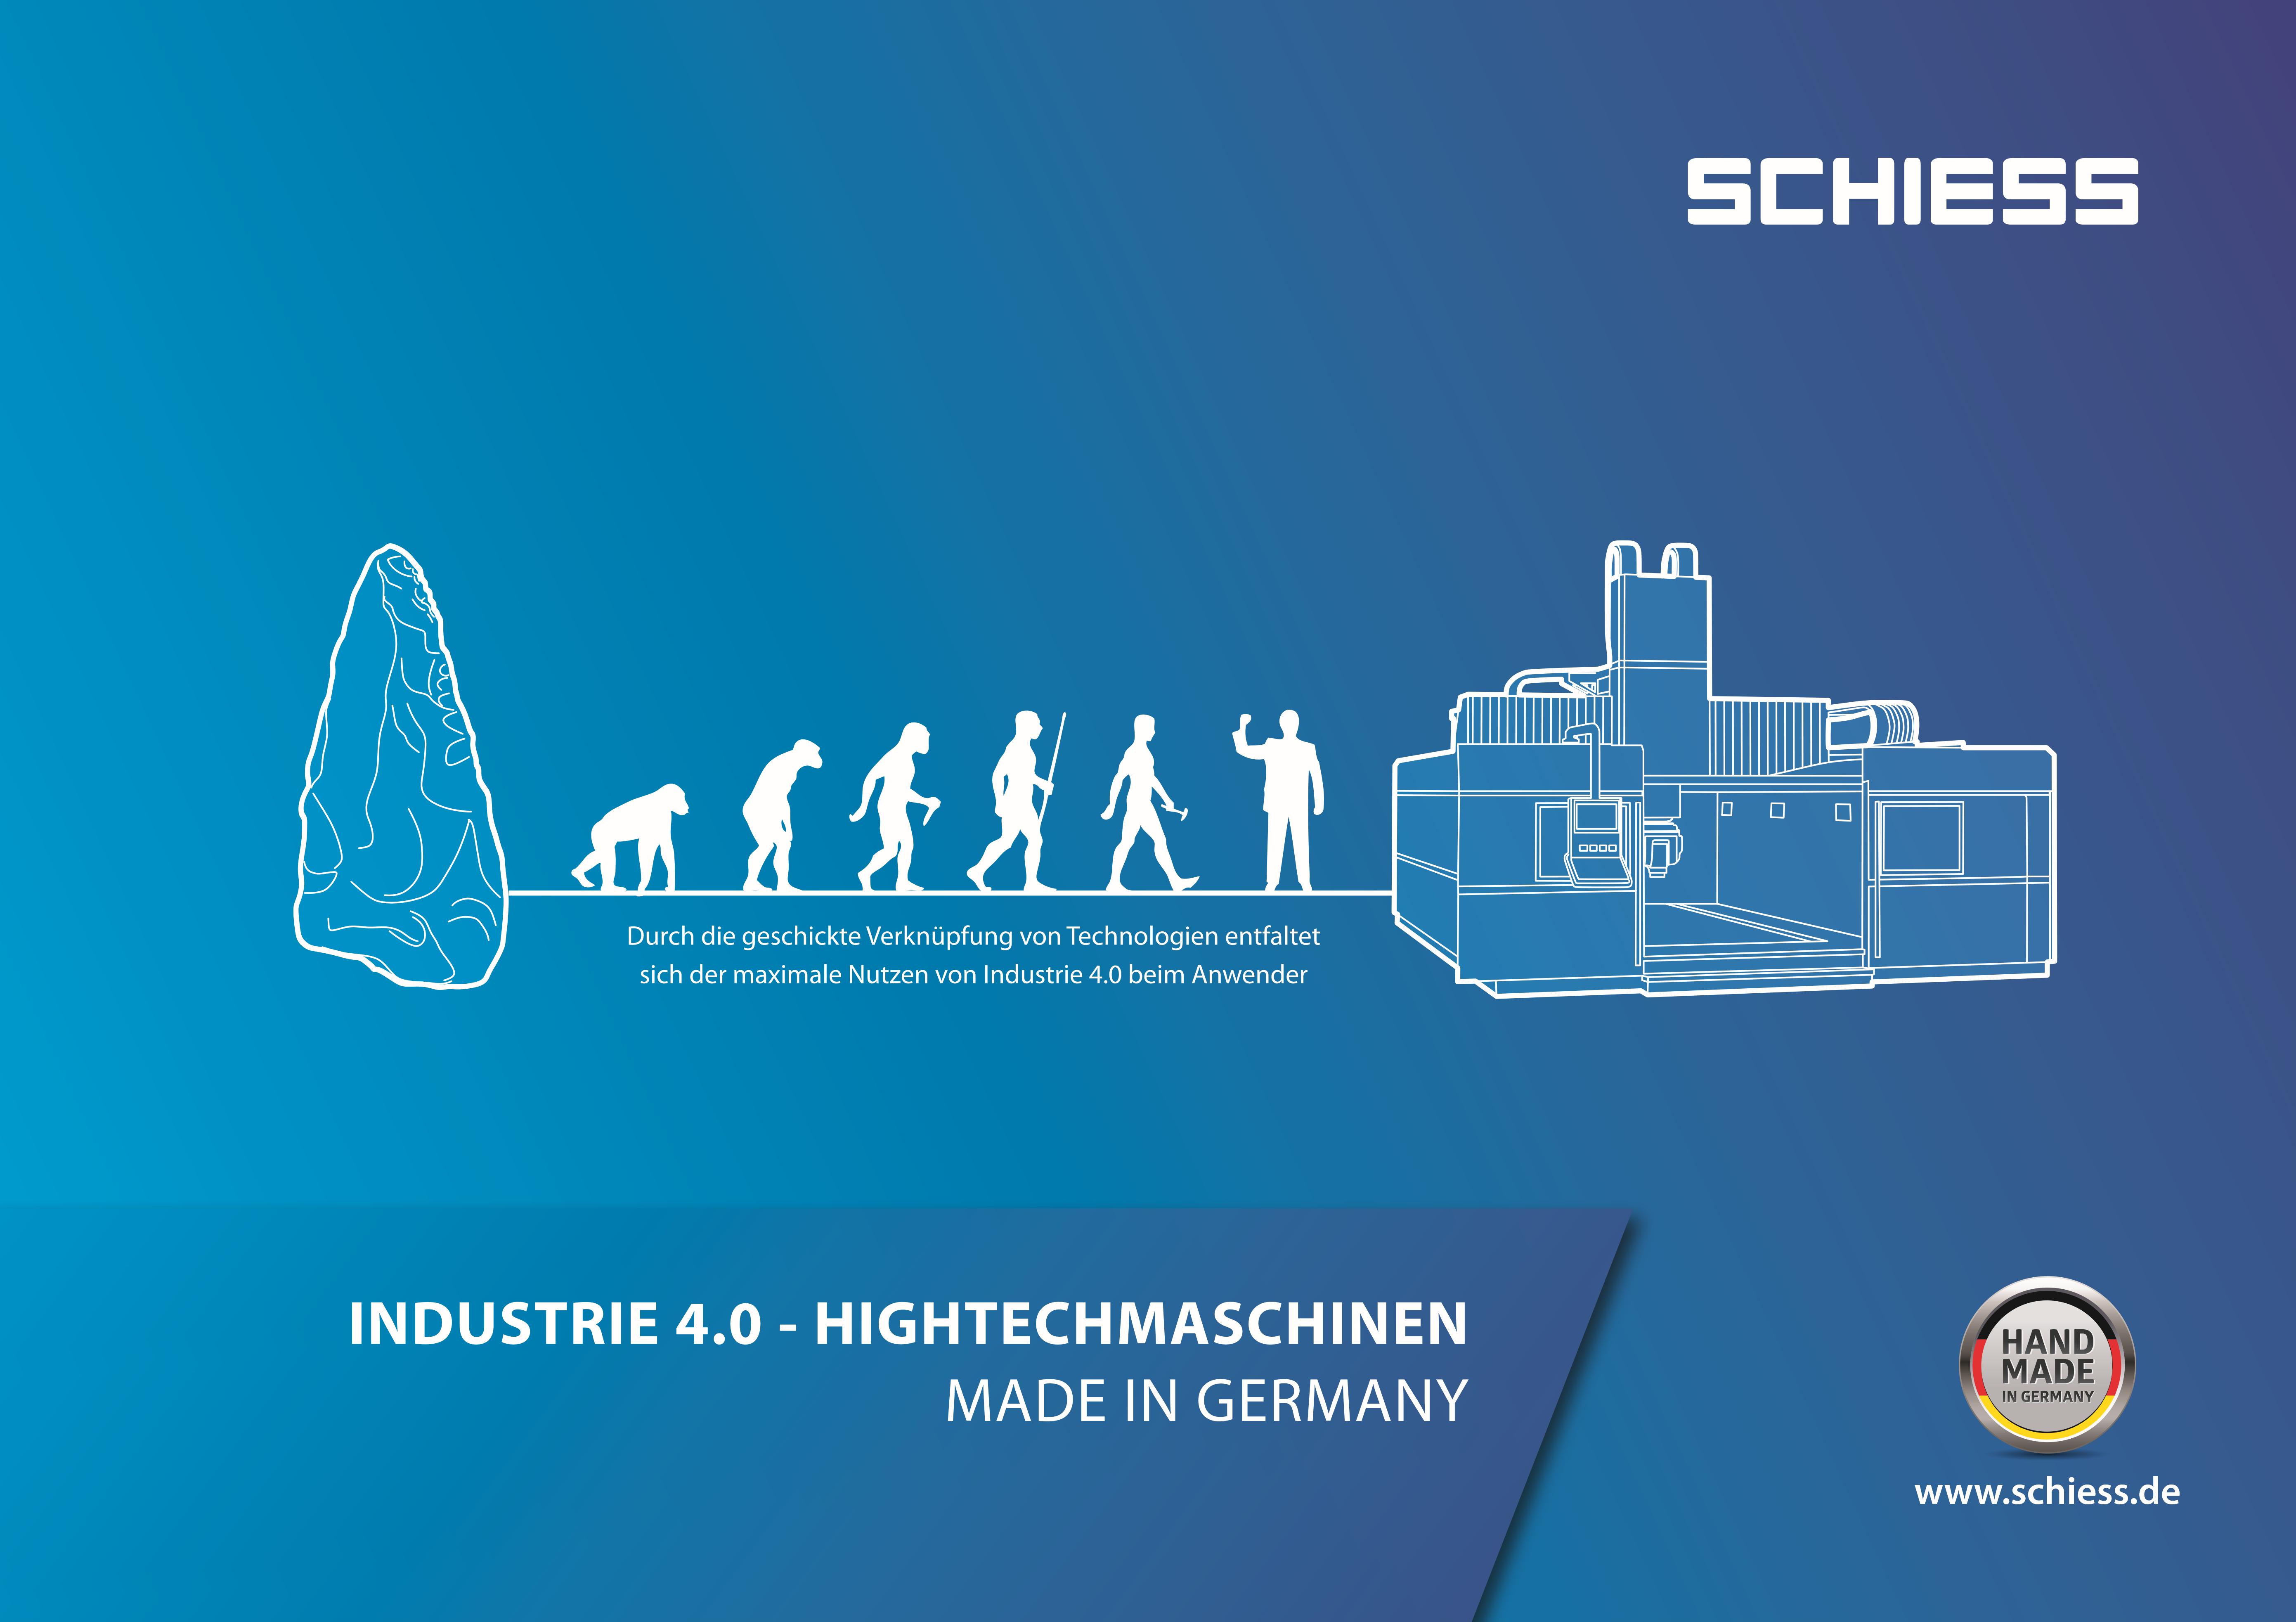 Schiess GmbH - Anzeigenkampagne erfolgreich gestartet